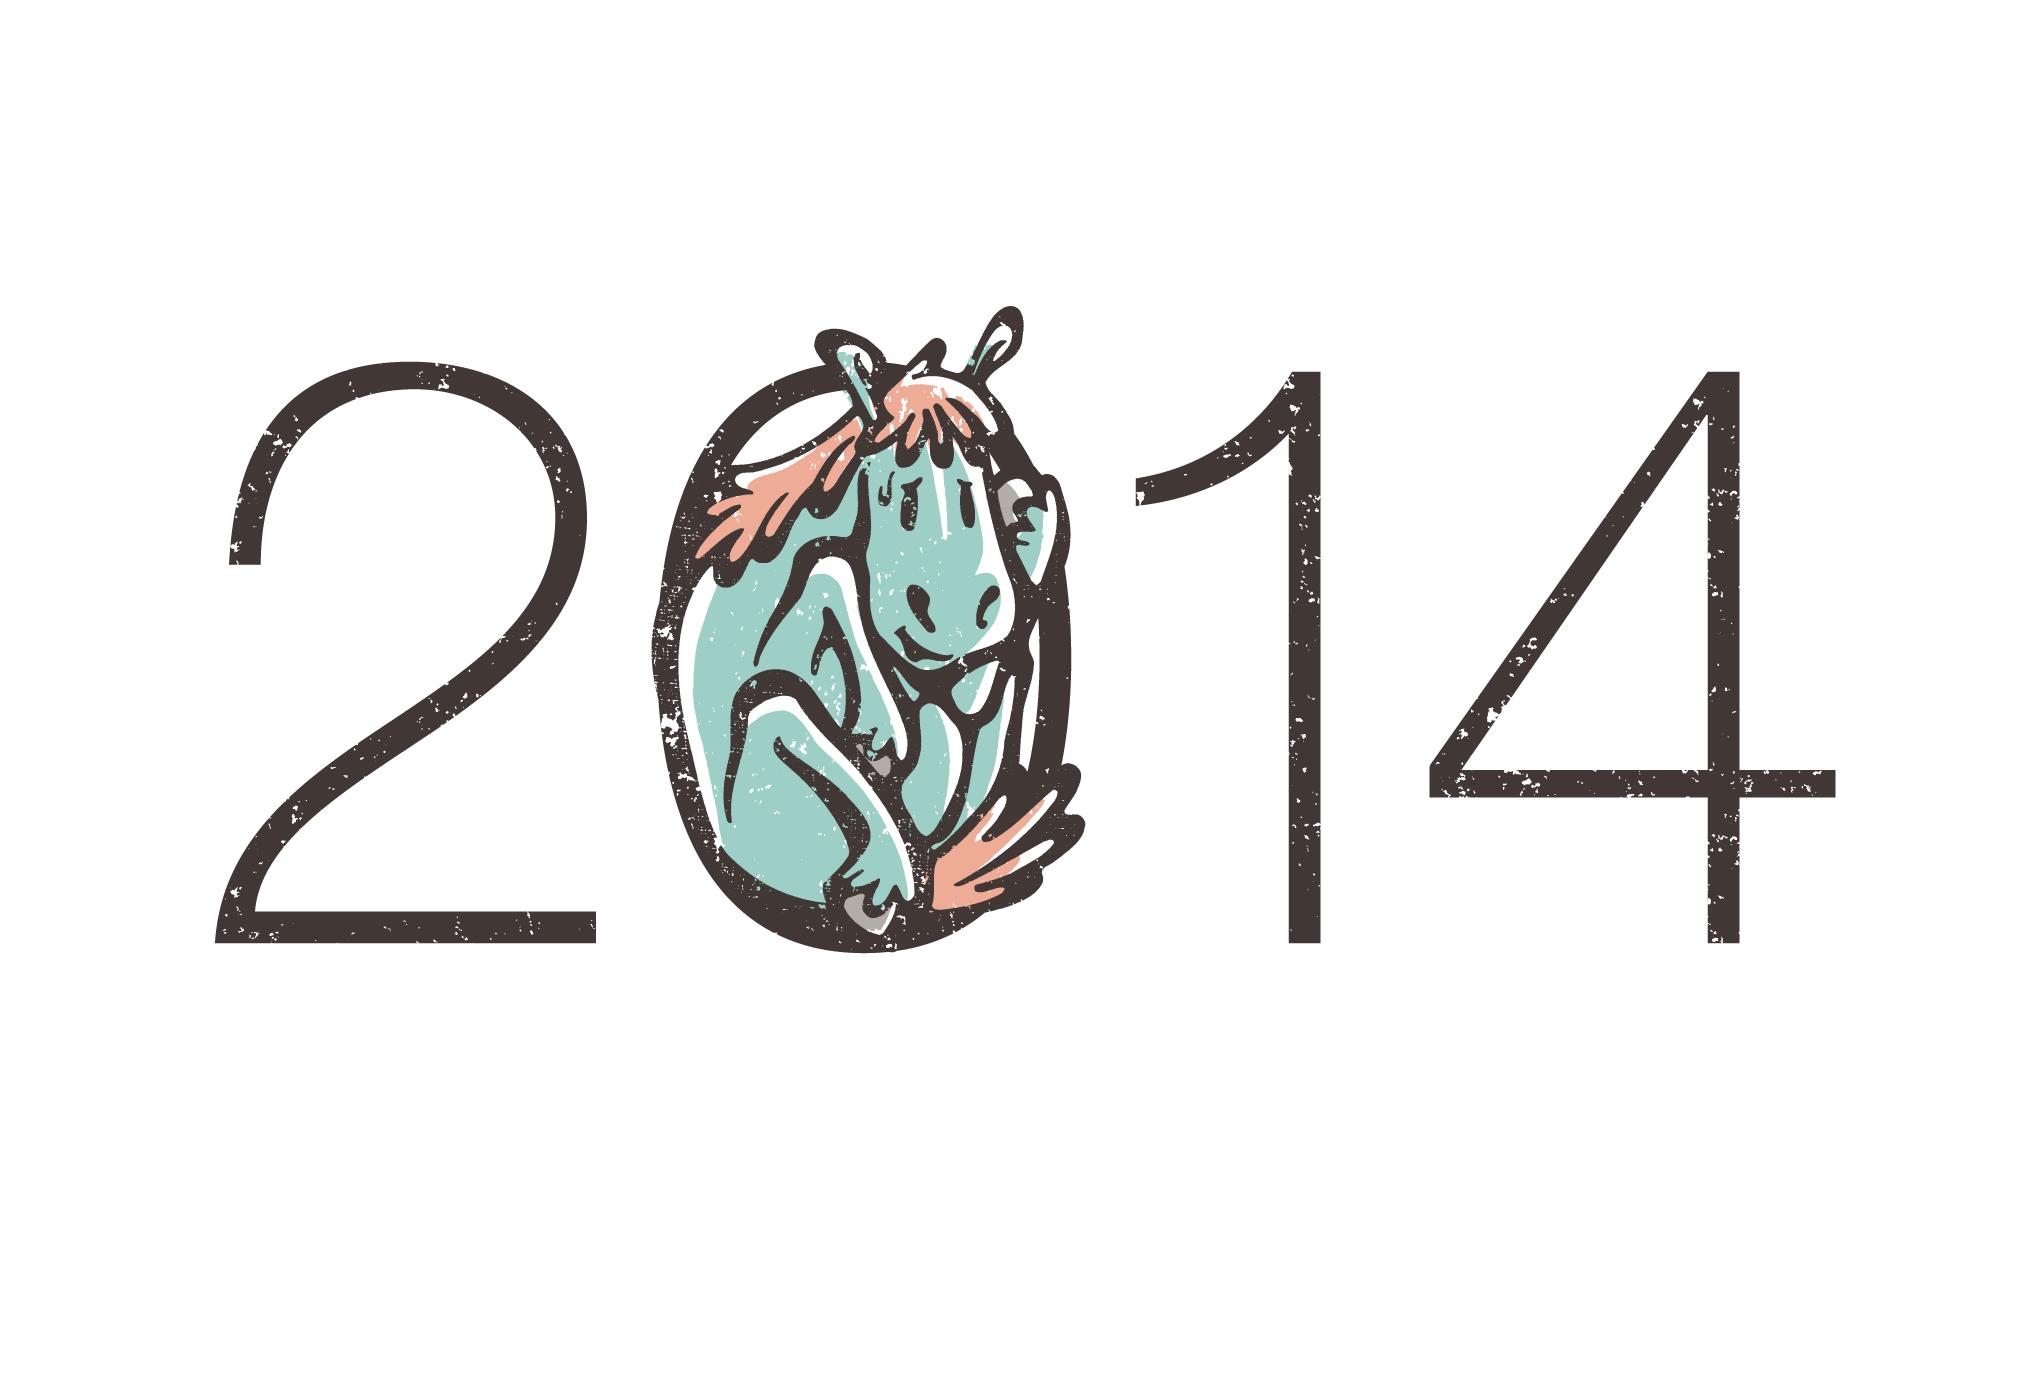 2014年賀状09-3:UMA 2014 / 3のダウンロード画像